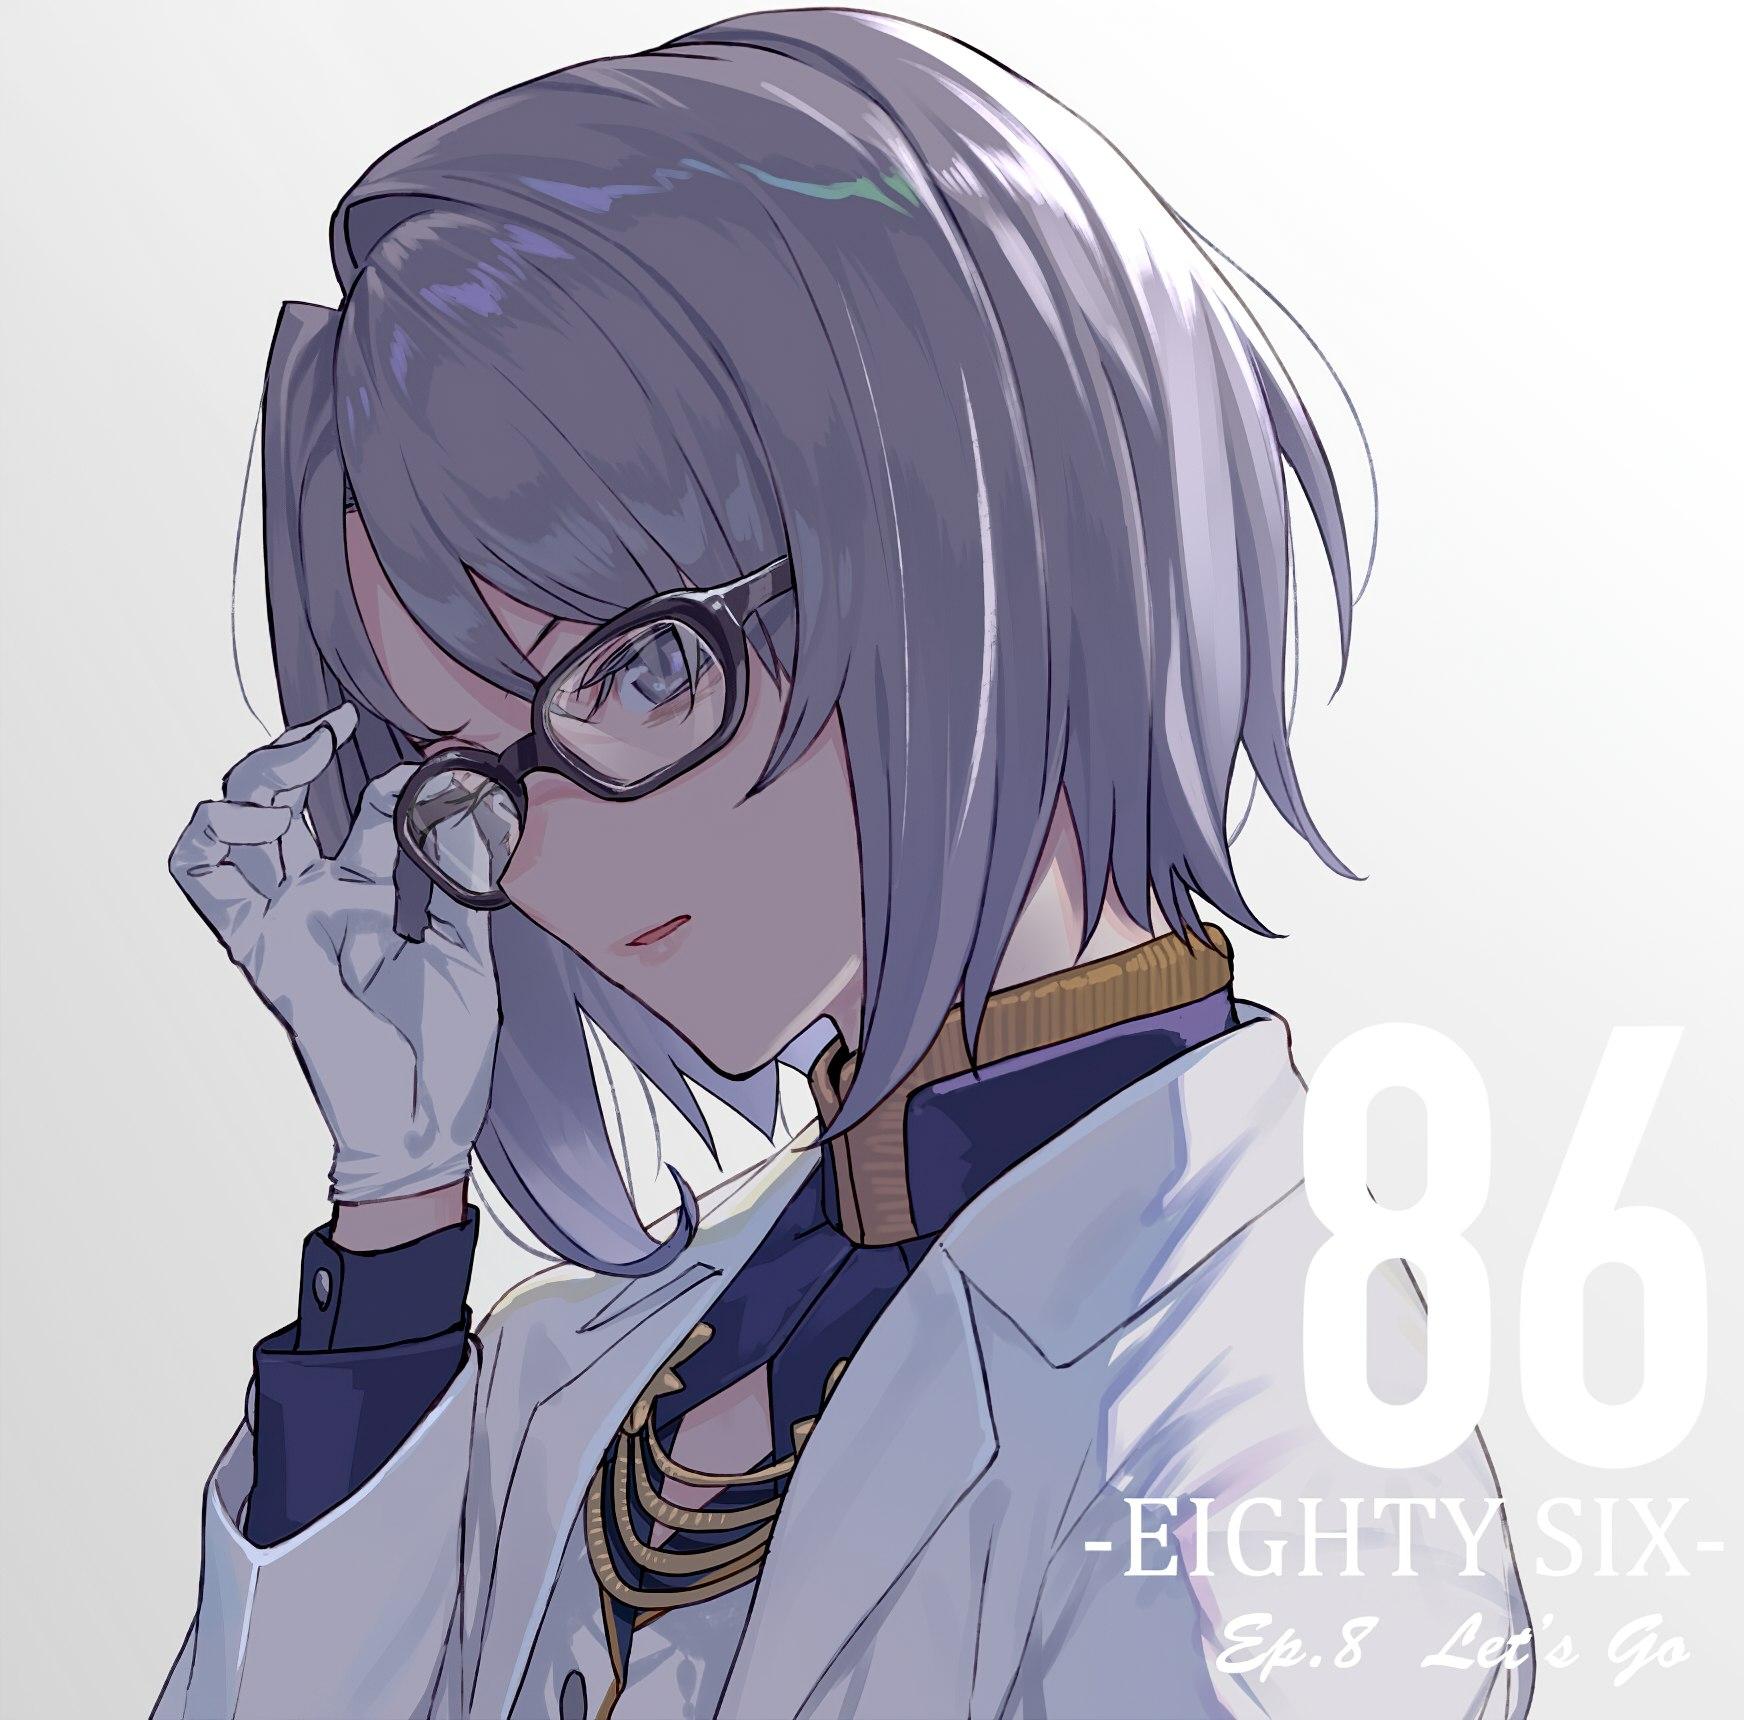 Eighty-Six